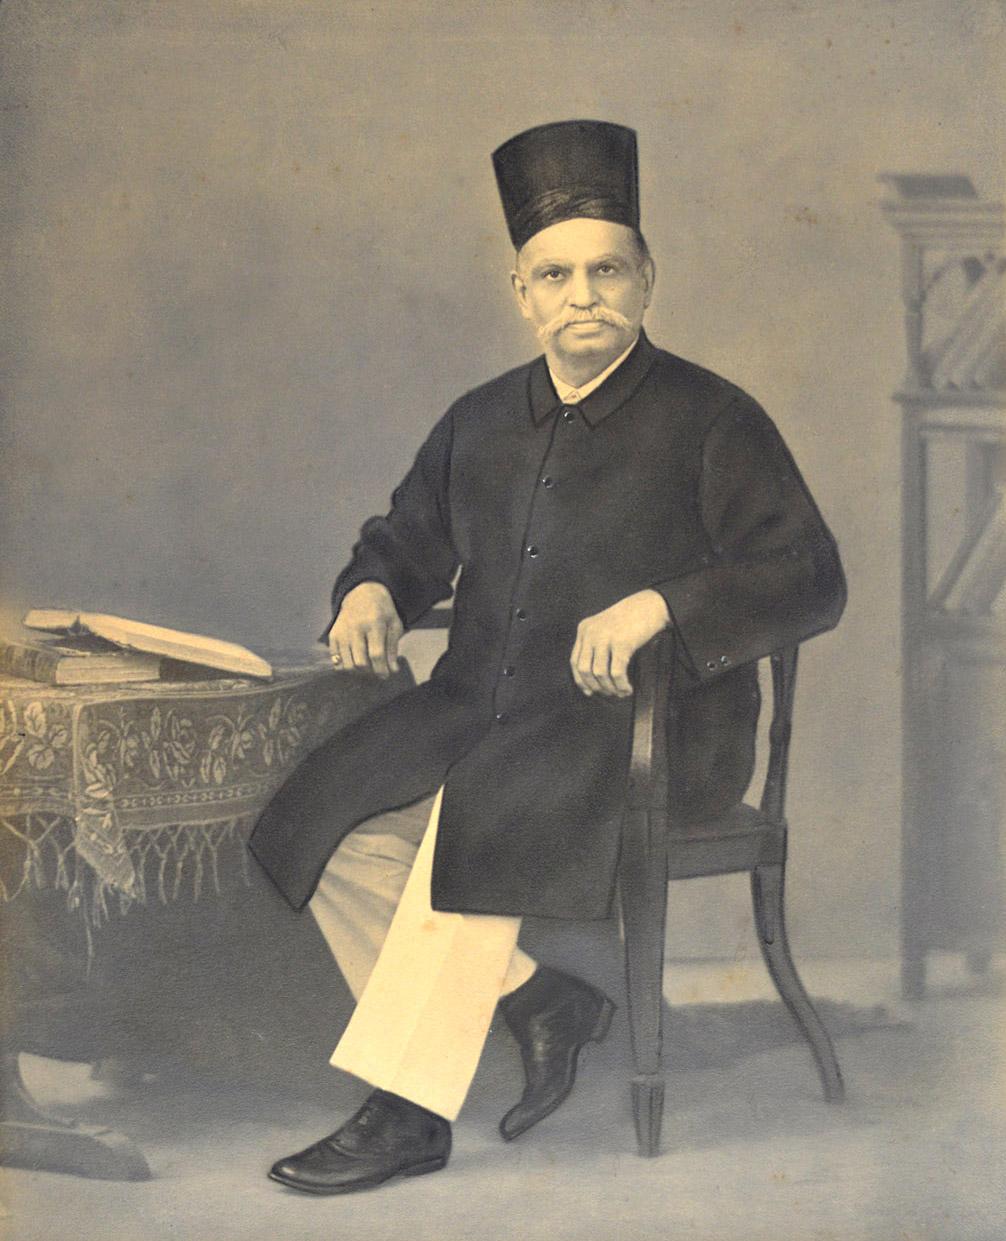 Sheth Manekji Rustomji Kotwal